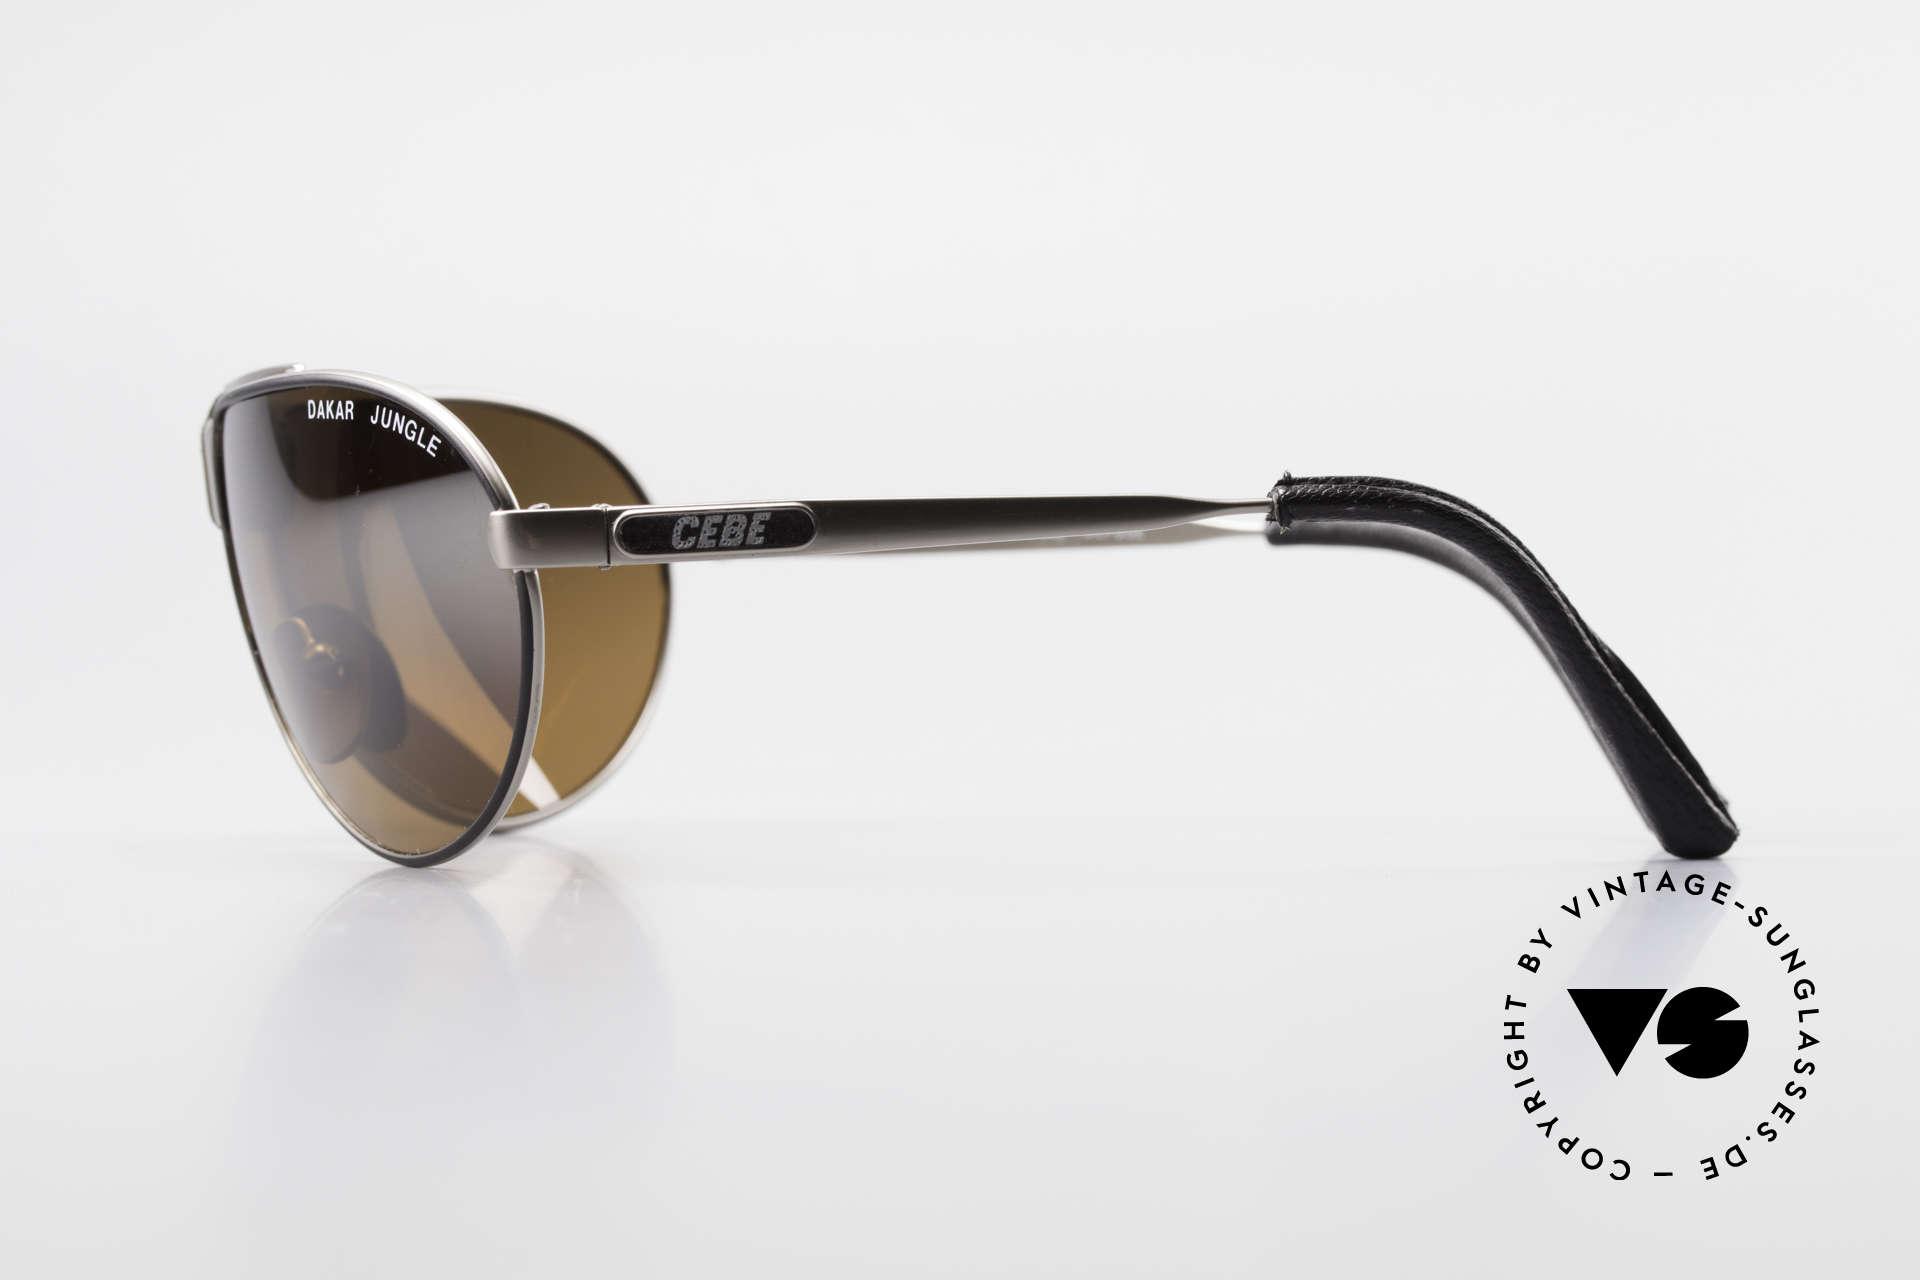 Cebe Dakar Jungle QD02 High-Tech Rennfahrer Brille, Spiegelgläser für extremste Sonneneinstrahlung, Passend für Herren und Damen